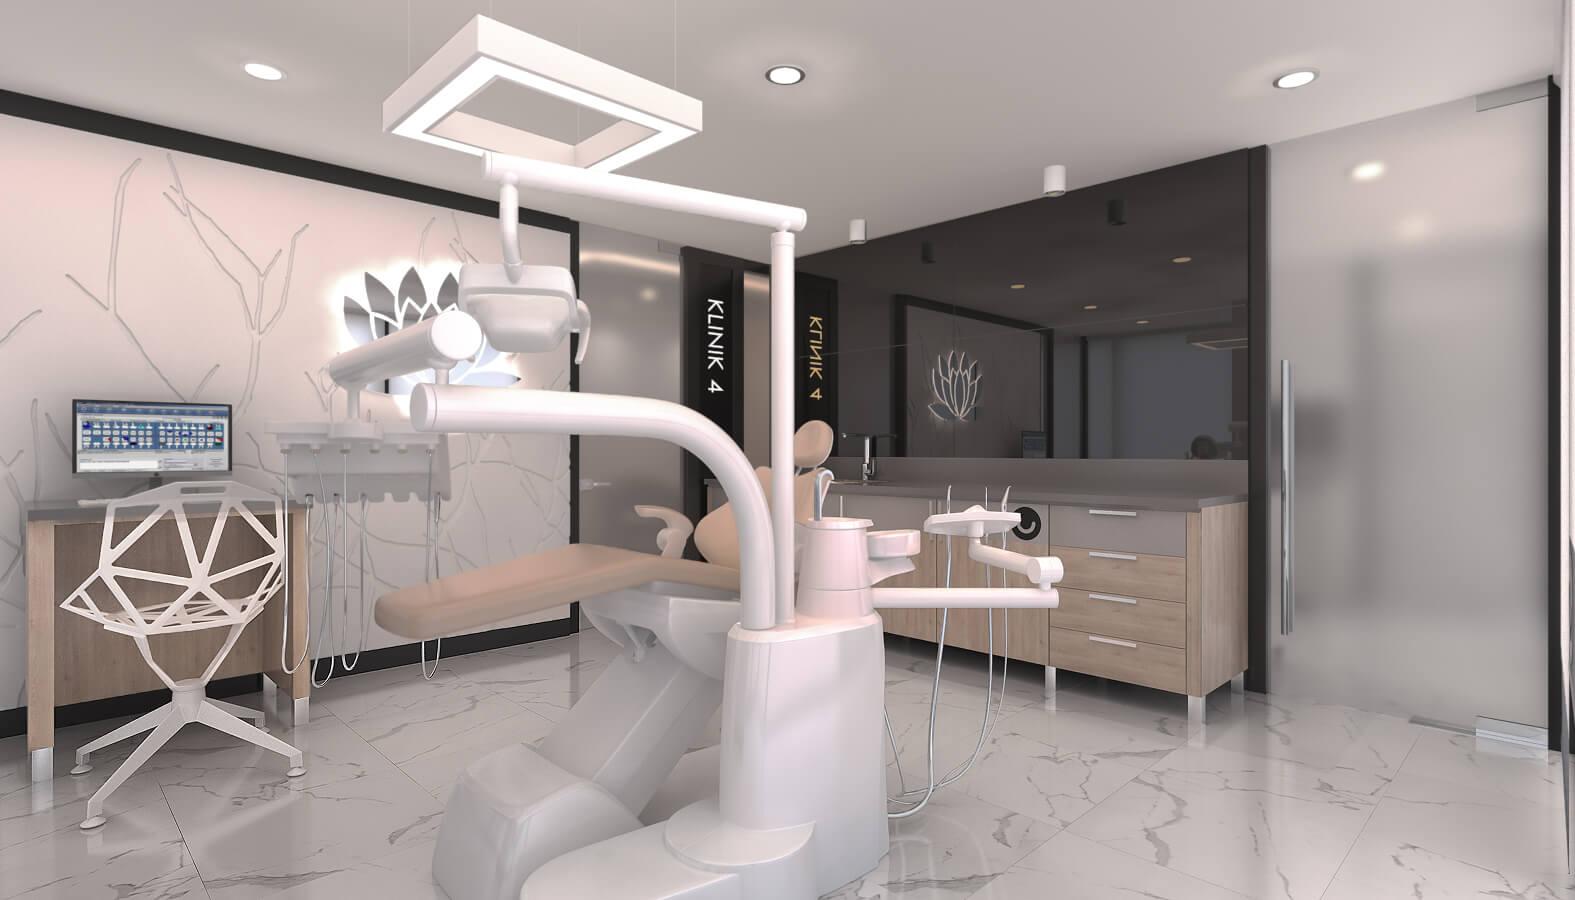 Diş kliniği tasarımı 4581 Dentapol Diş Polikliniği Sağlık